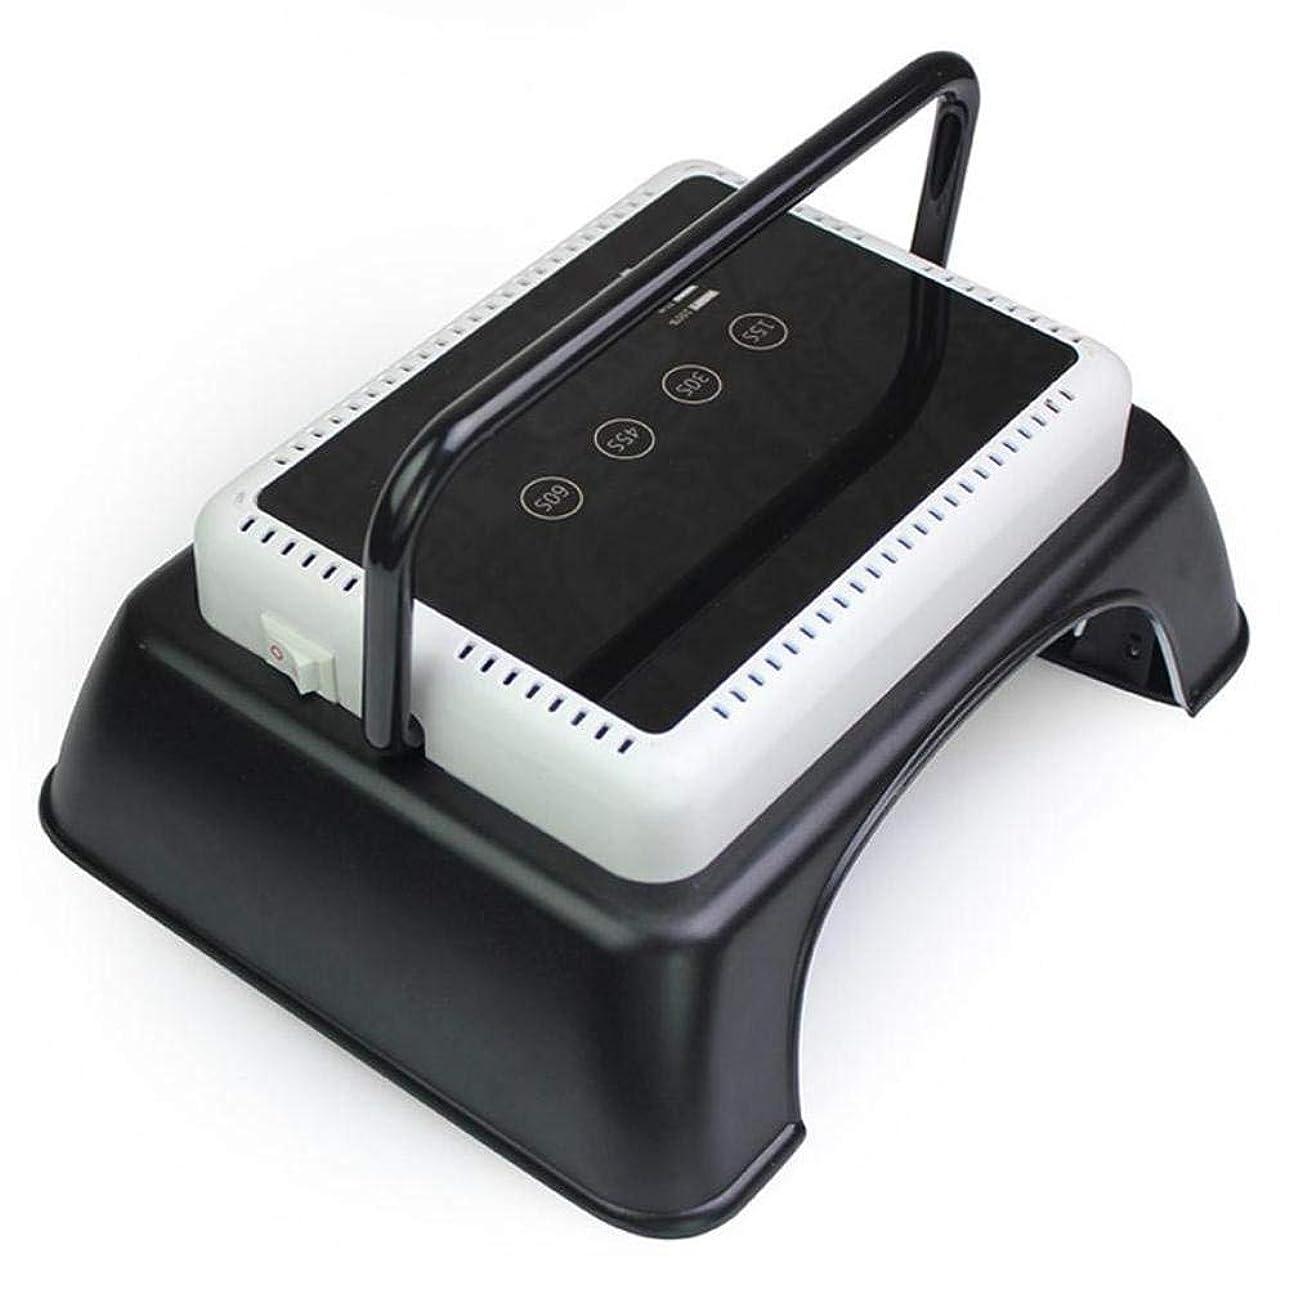 わずかな誓いわずかな持ち上がるハンドル、タッチセンサー、LCDスクリーンが付いているゲルのマニキュアマニキュア用具のための専門64W LED紫外線釘LampNailのドライヤーライトハイパワー